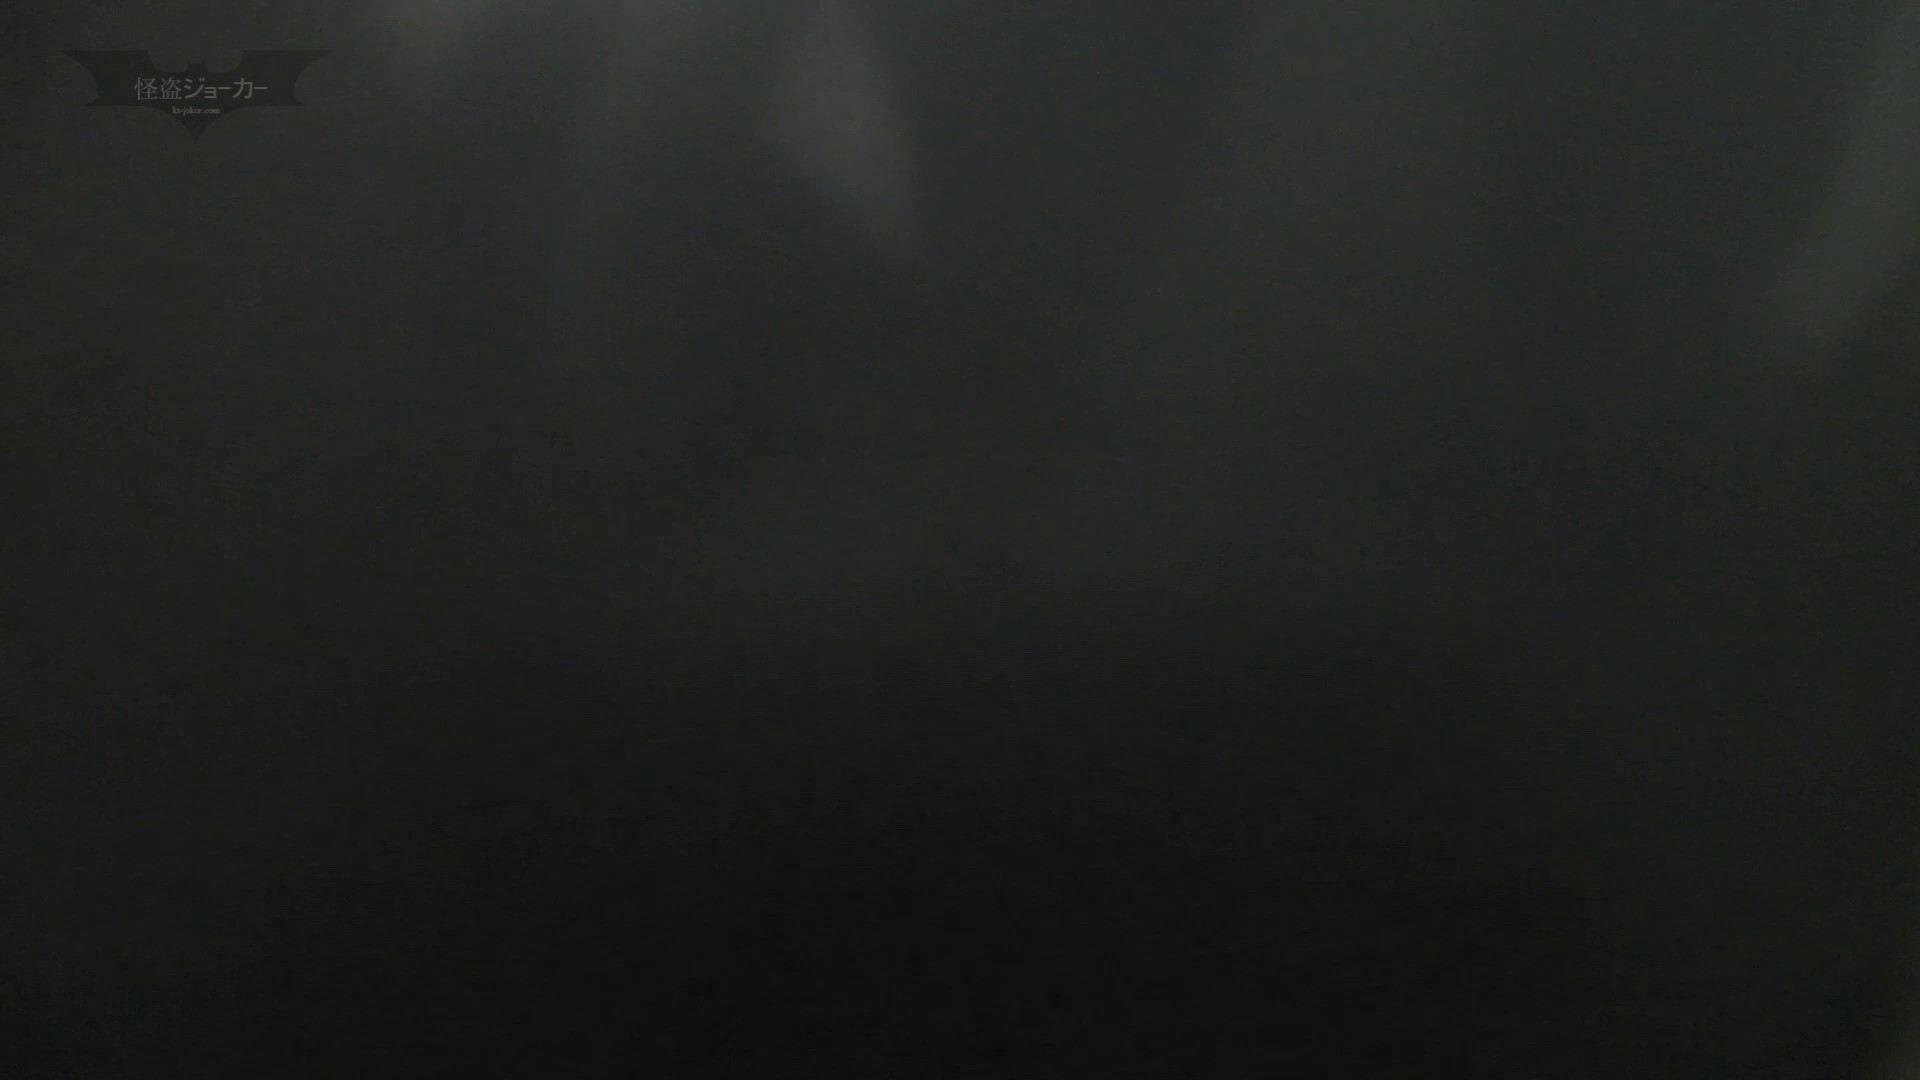 下からノゾム vol.030 びしょびしょの連続、お尻半分濡れるほど、 高画質 | 盛合せ  100画像 85